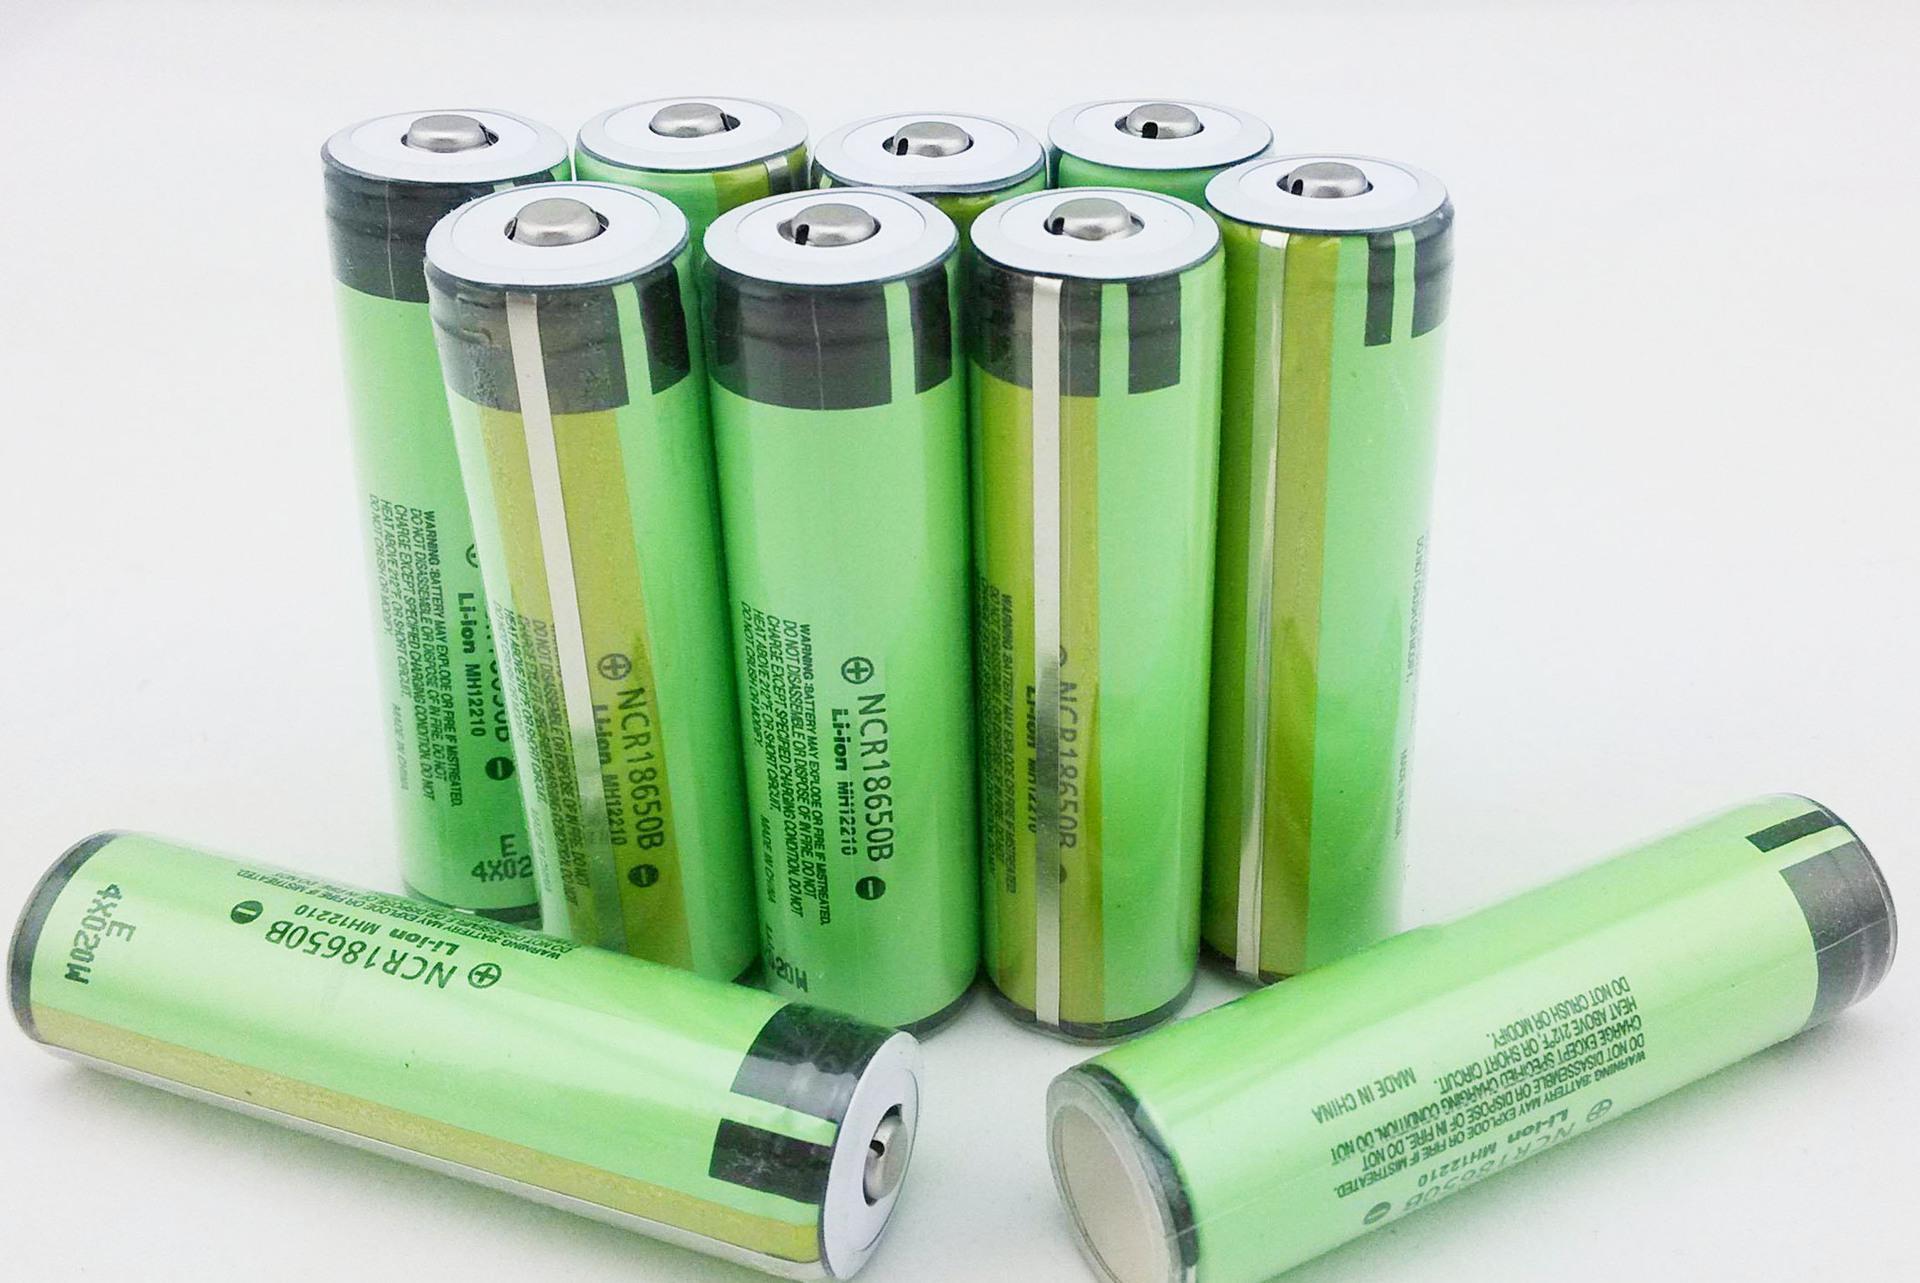 特斯拉model x中国首炸 廉价电池或是根本原因?图片